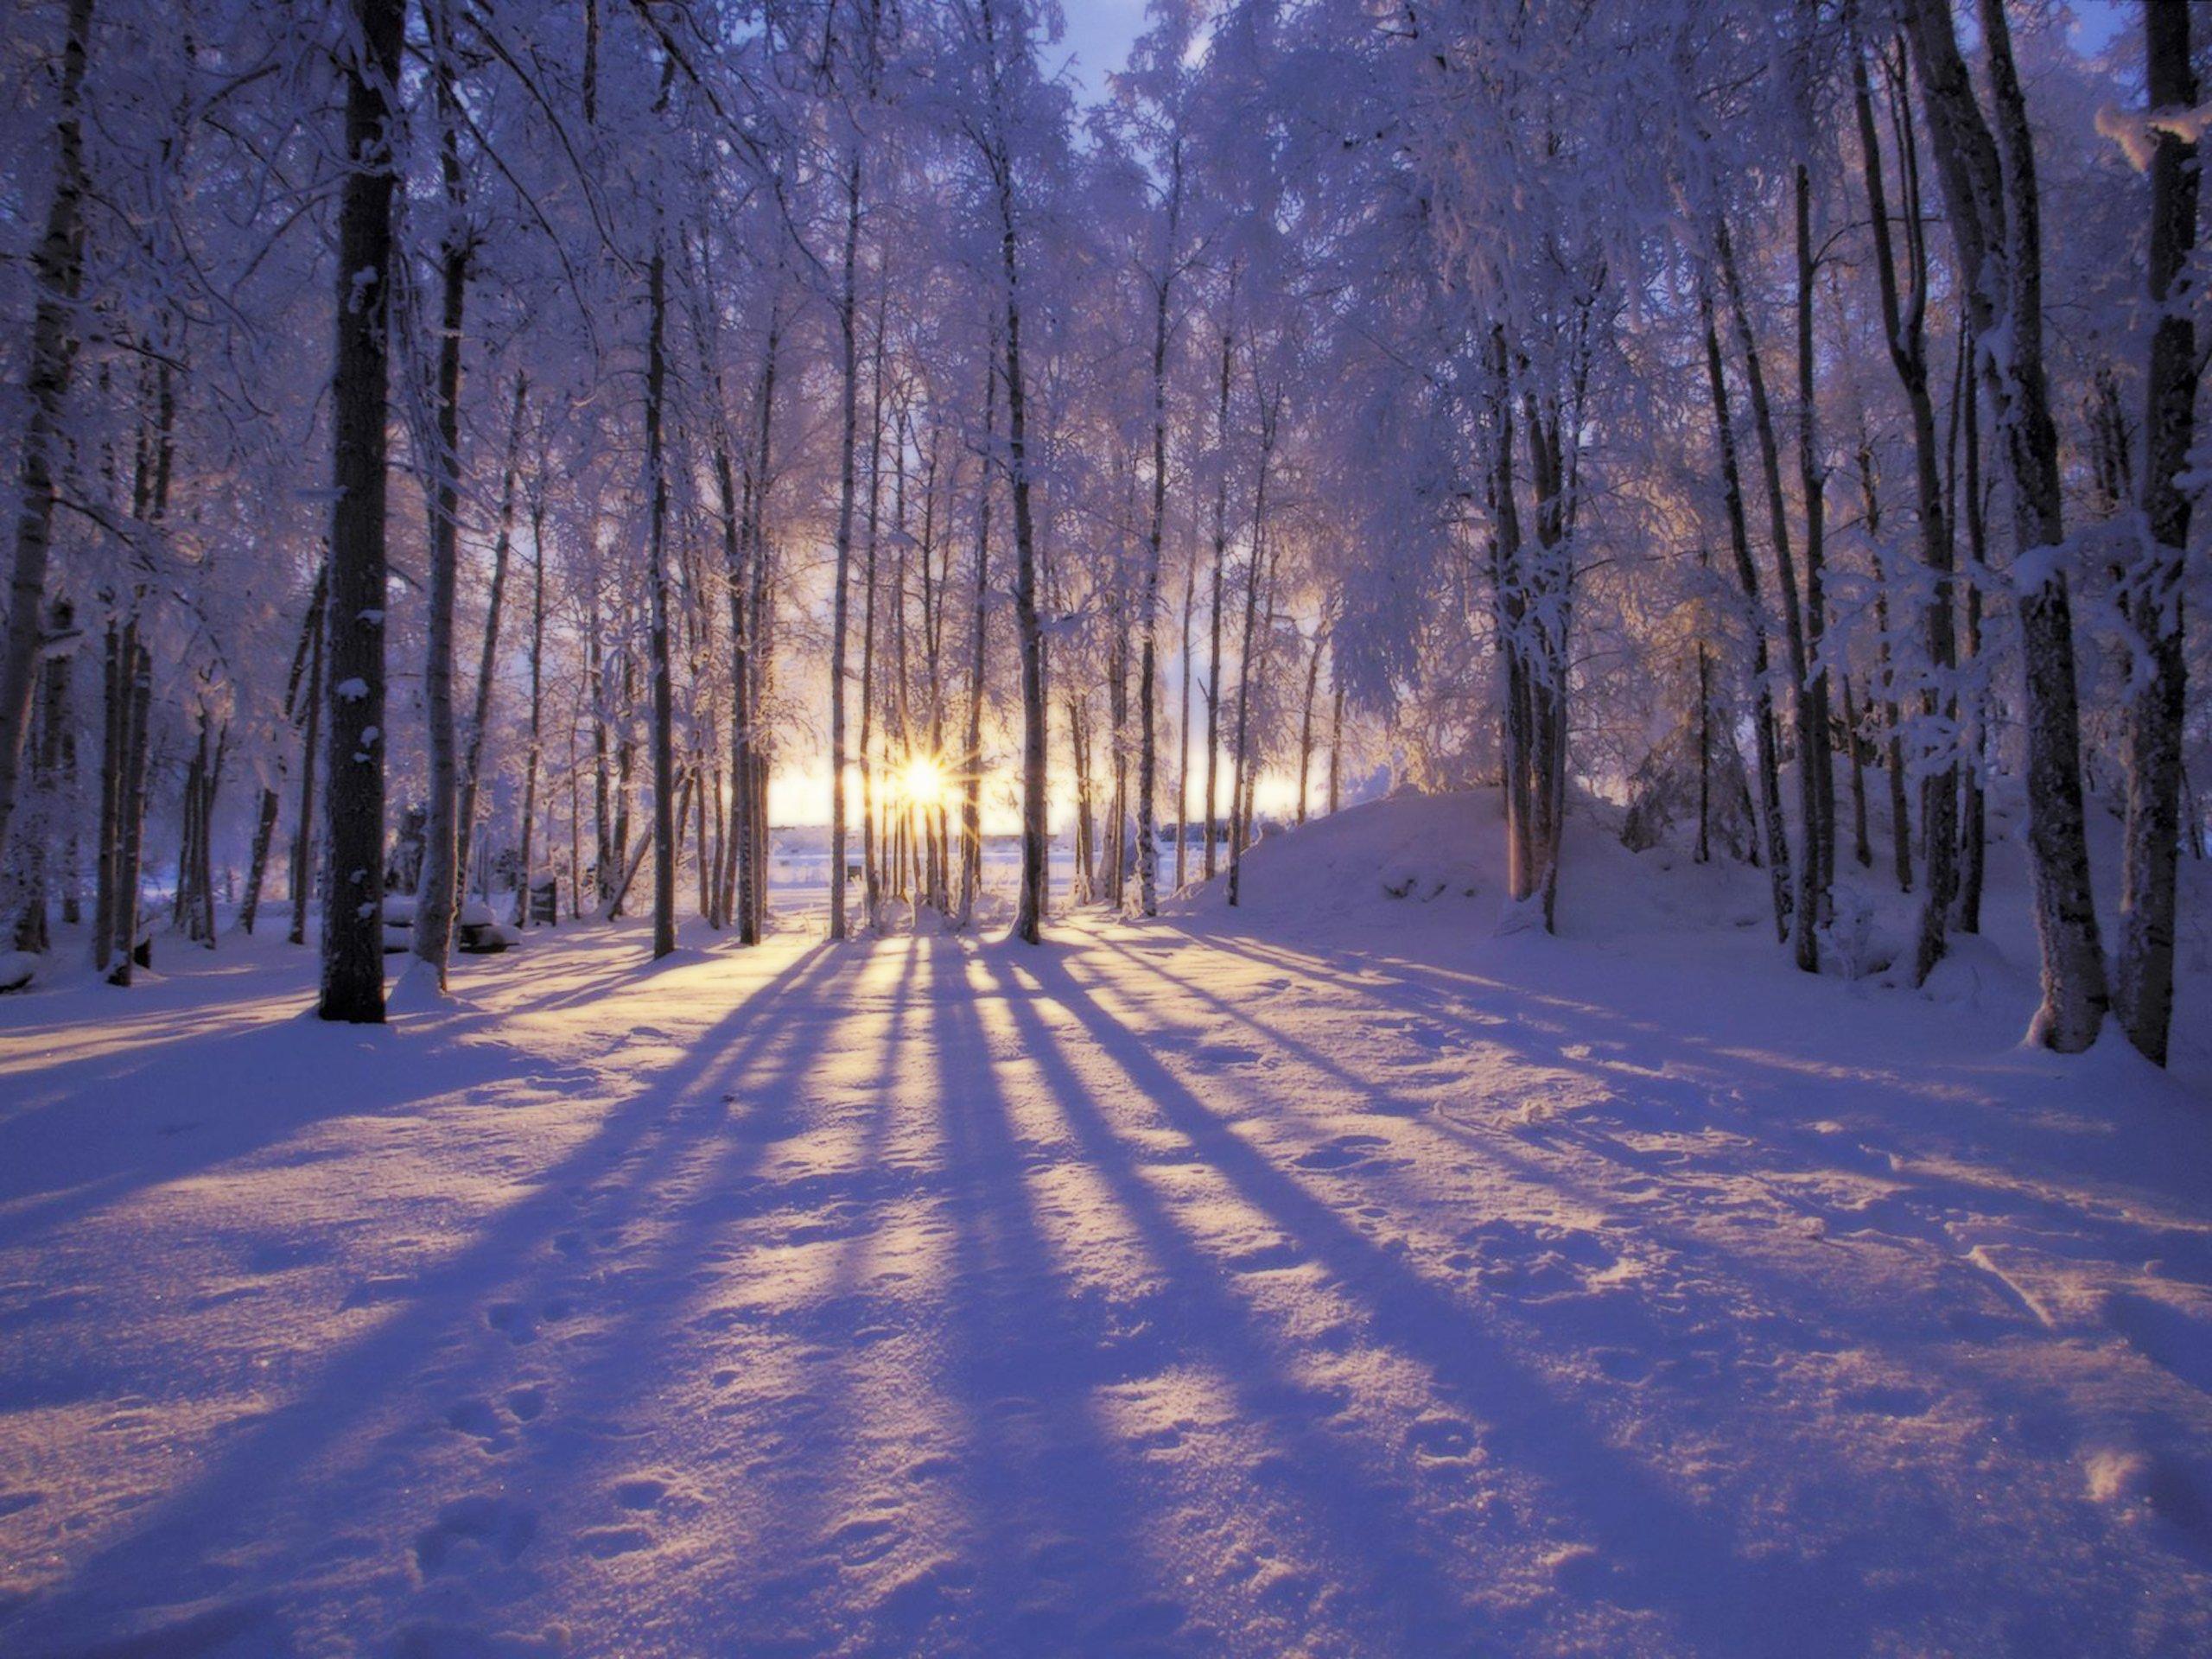 Christmas Winter Scenes Desktop Wallpaper 1 2560x1920